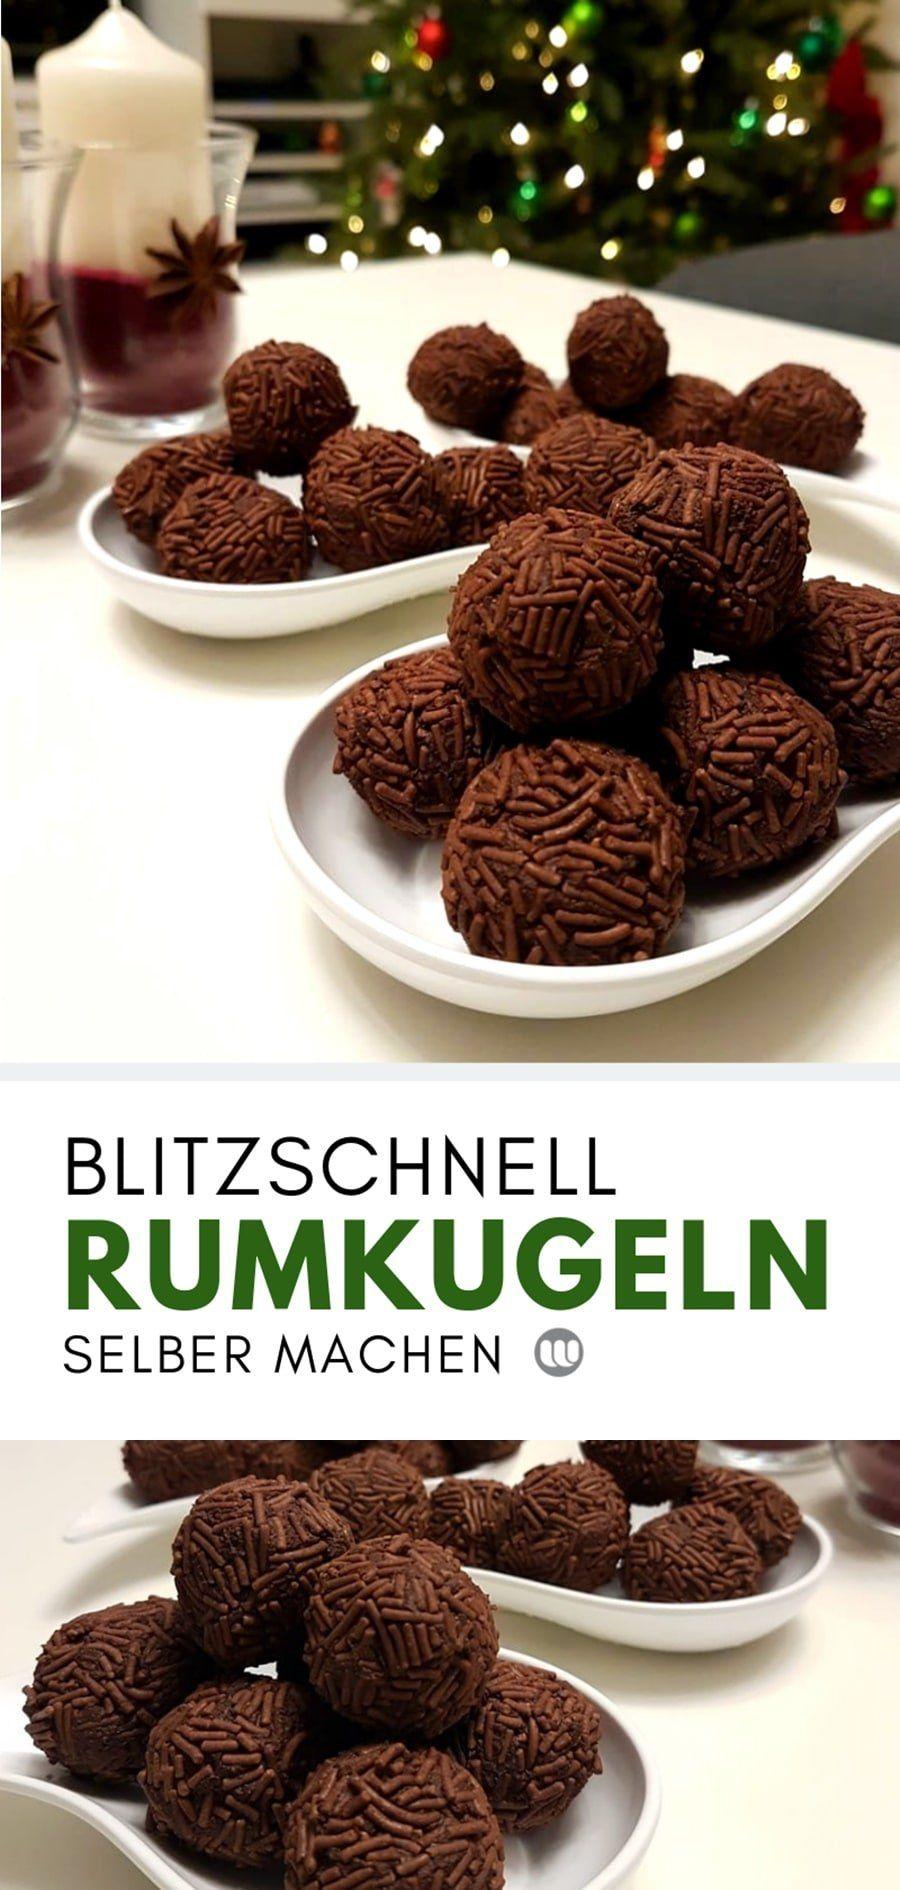 Rezept: Rumkugeln aus geriebener Schokolade selber machen #nikolausgeschenkeselbermachen